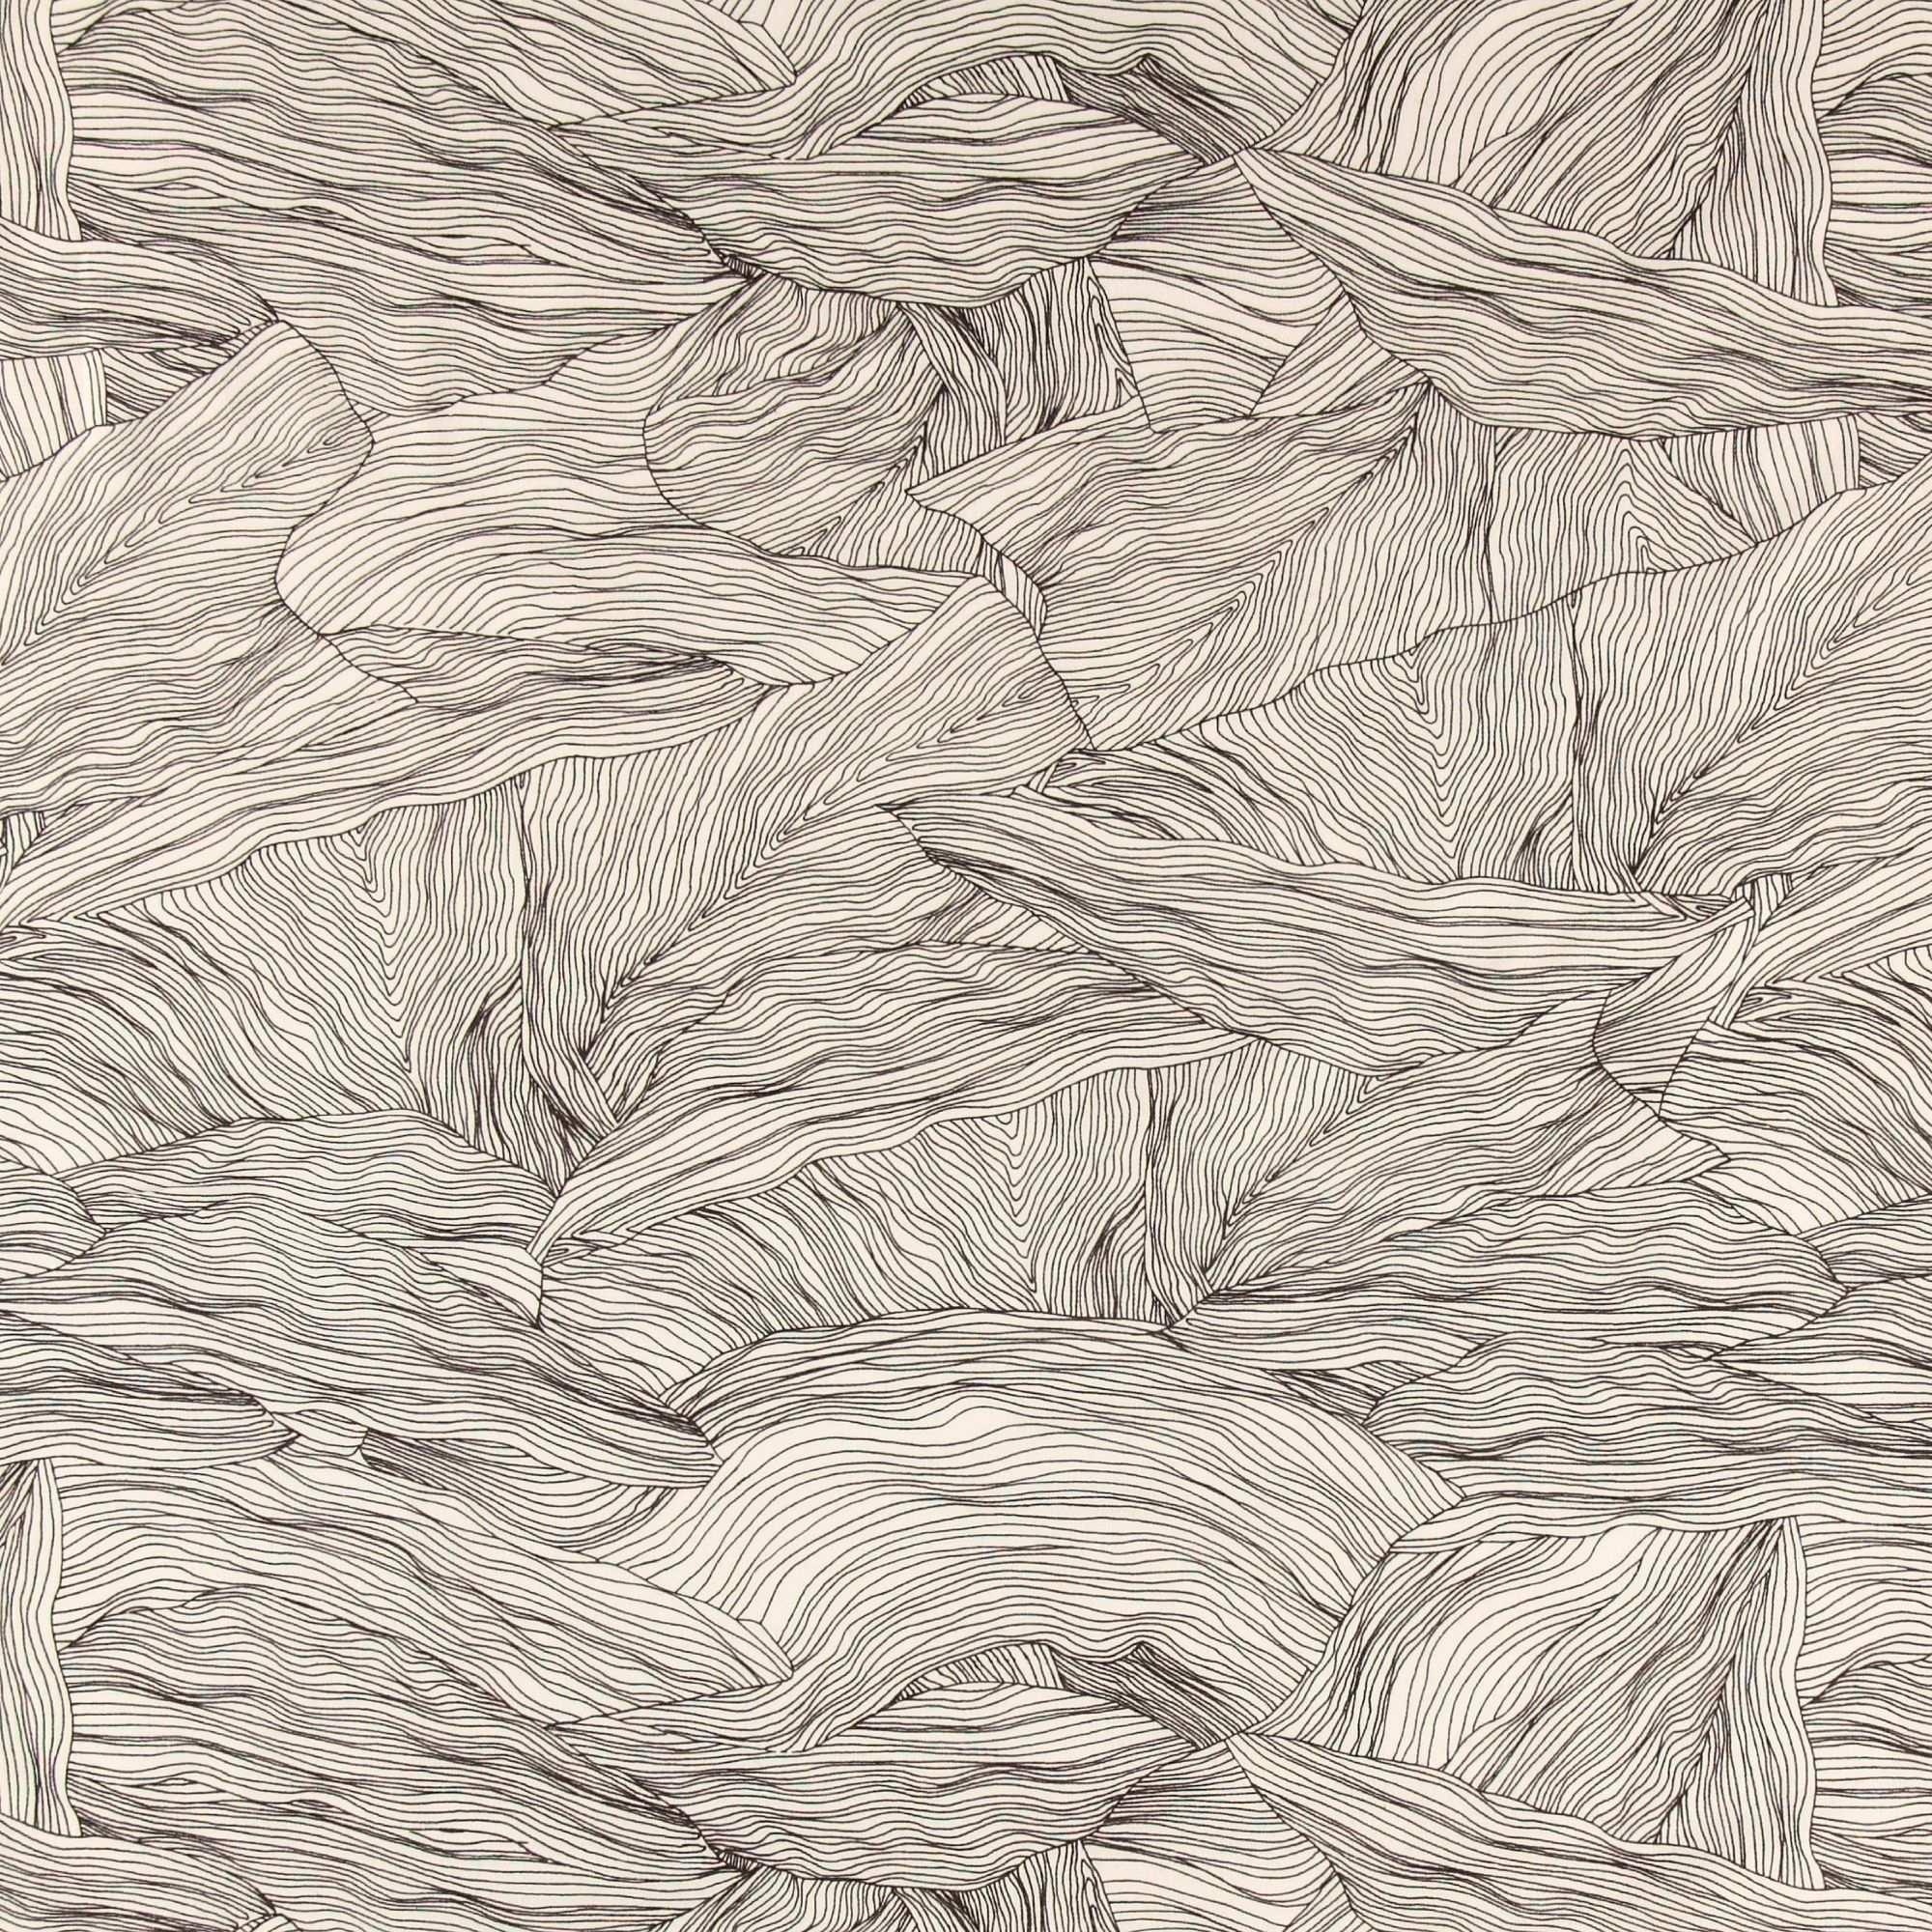 Gewebe Weiss Mit Abstraktem Muster Stoff Stil Skandinavische Stoffe Muster Stoff Abstraktes Muster